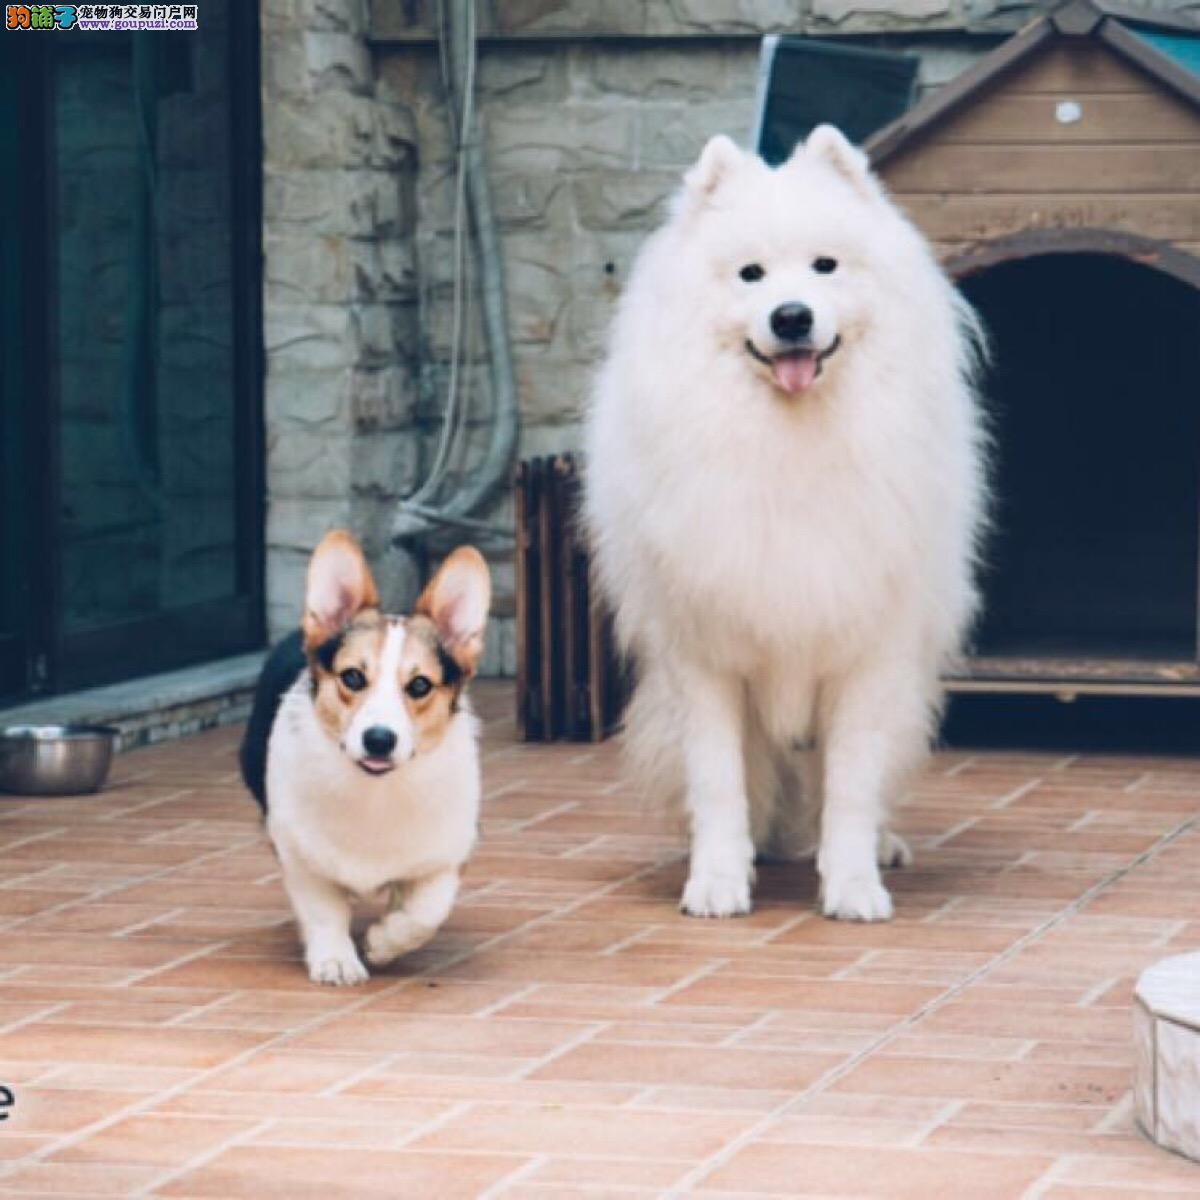 官方推荐CKU专业认证犬舍直销纯种健康精品萨摩耶犬